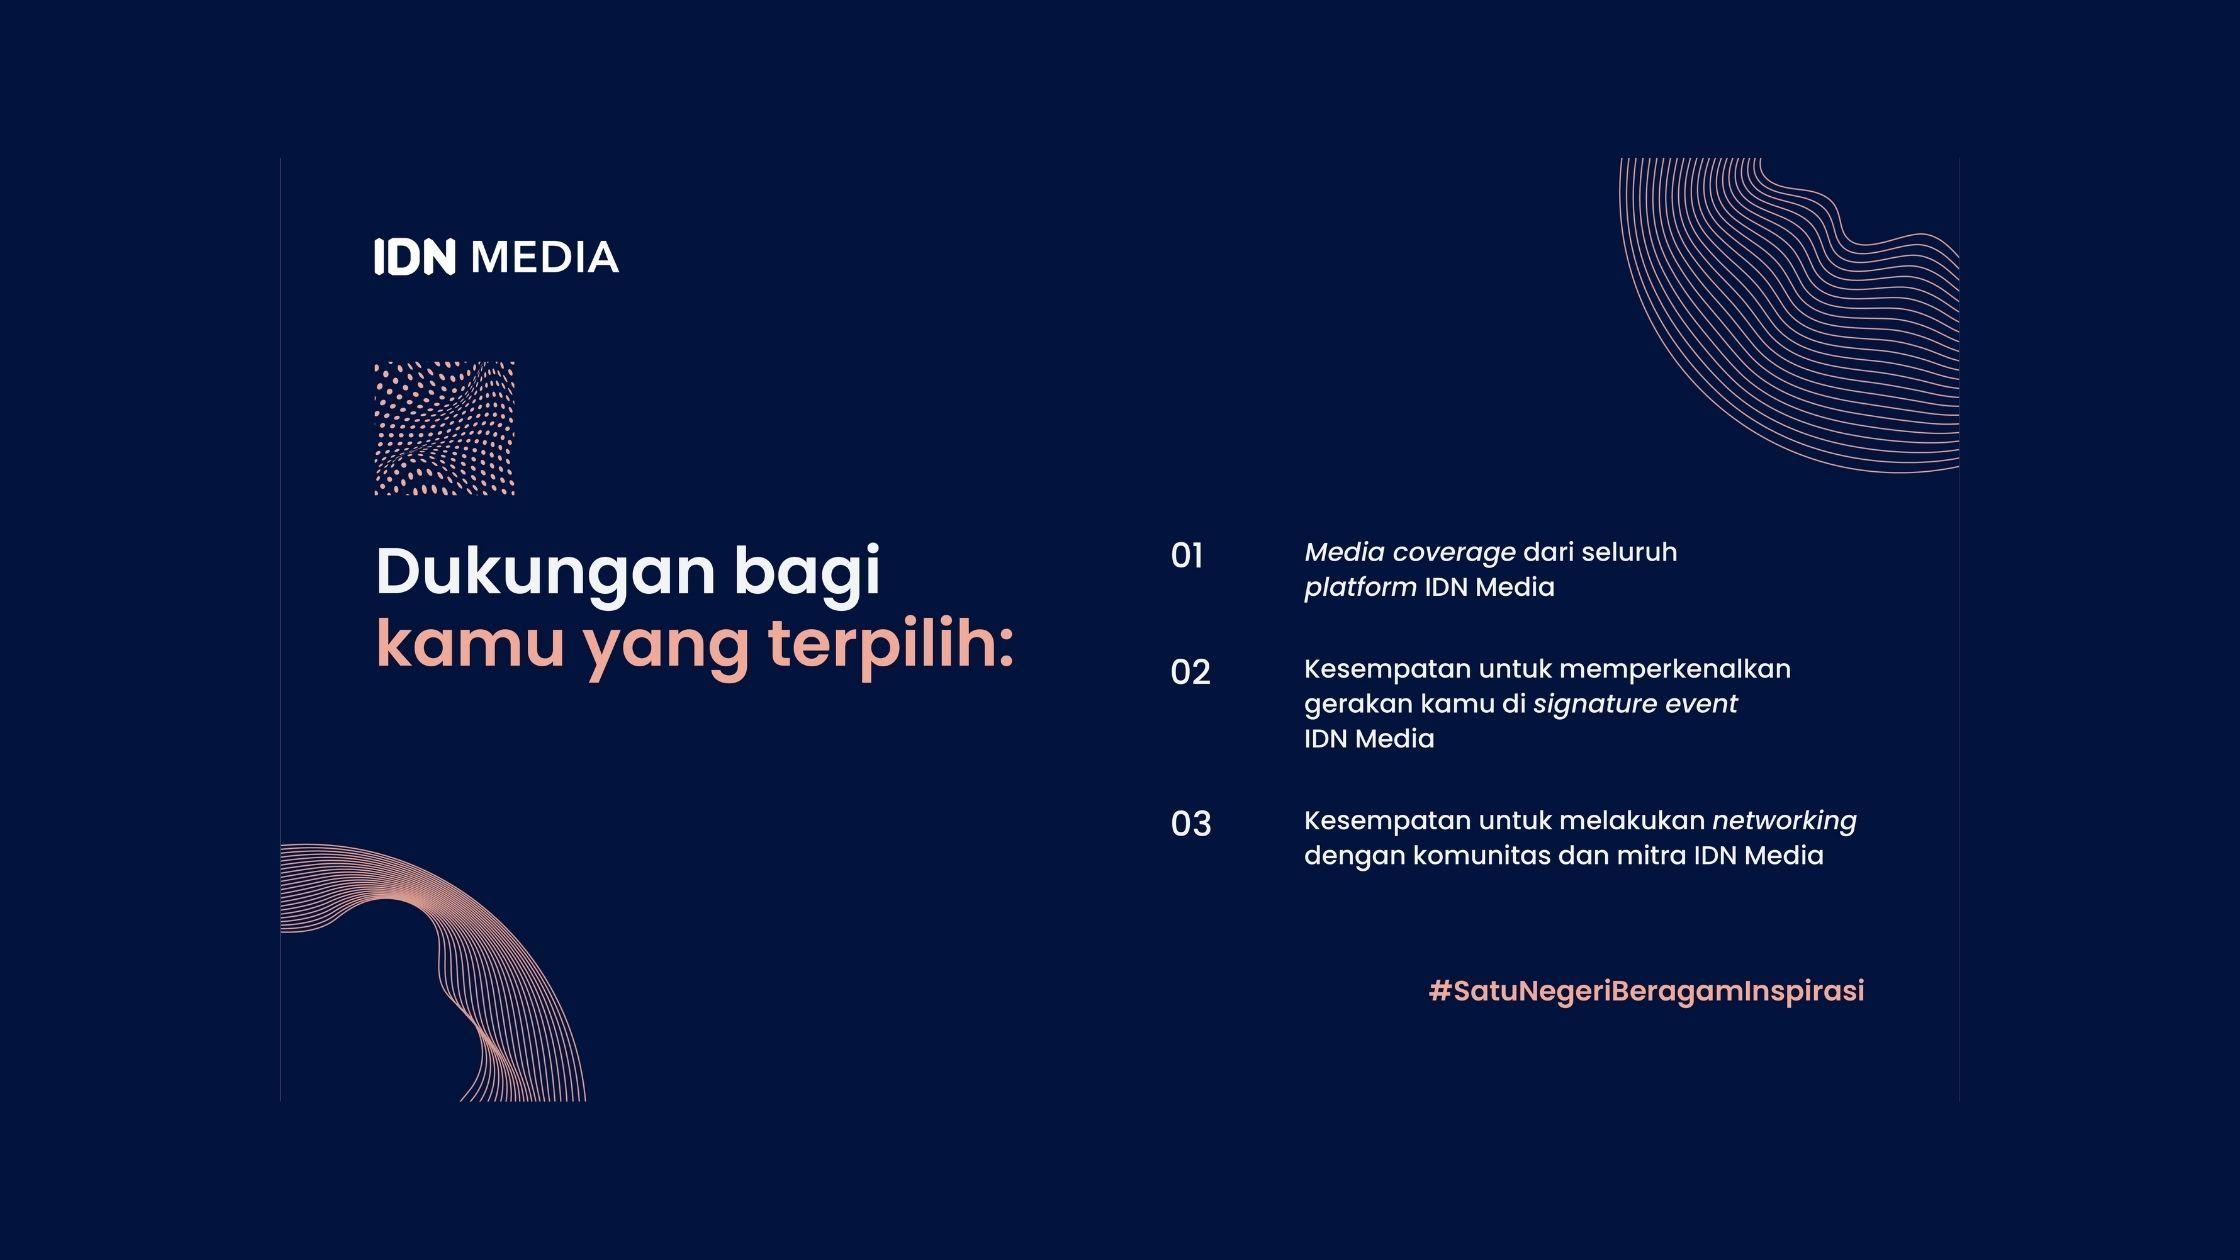 IDN Media Adakan Program Pahlawan IDN untuk Apresiasi Sosok Inspiratif